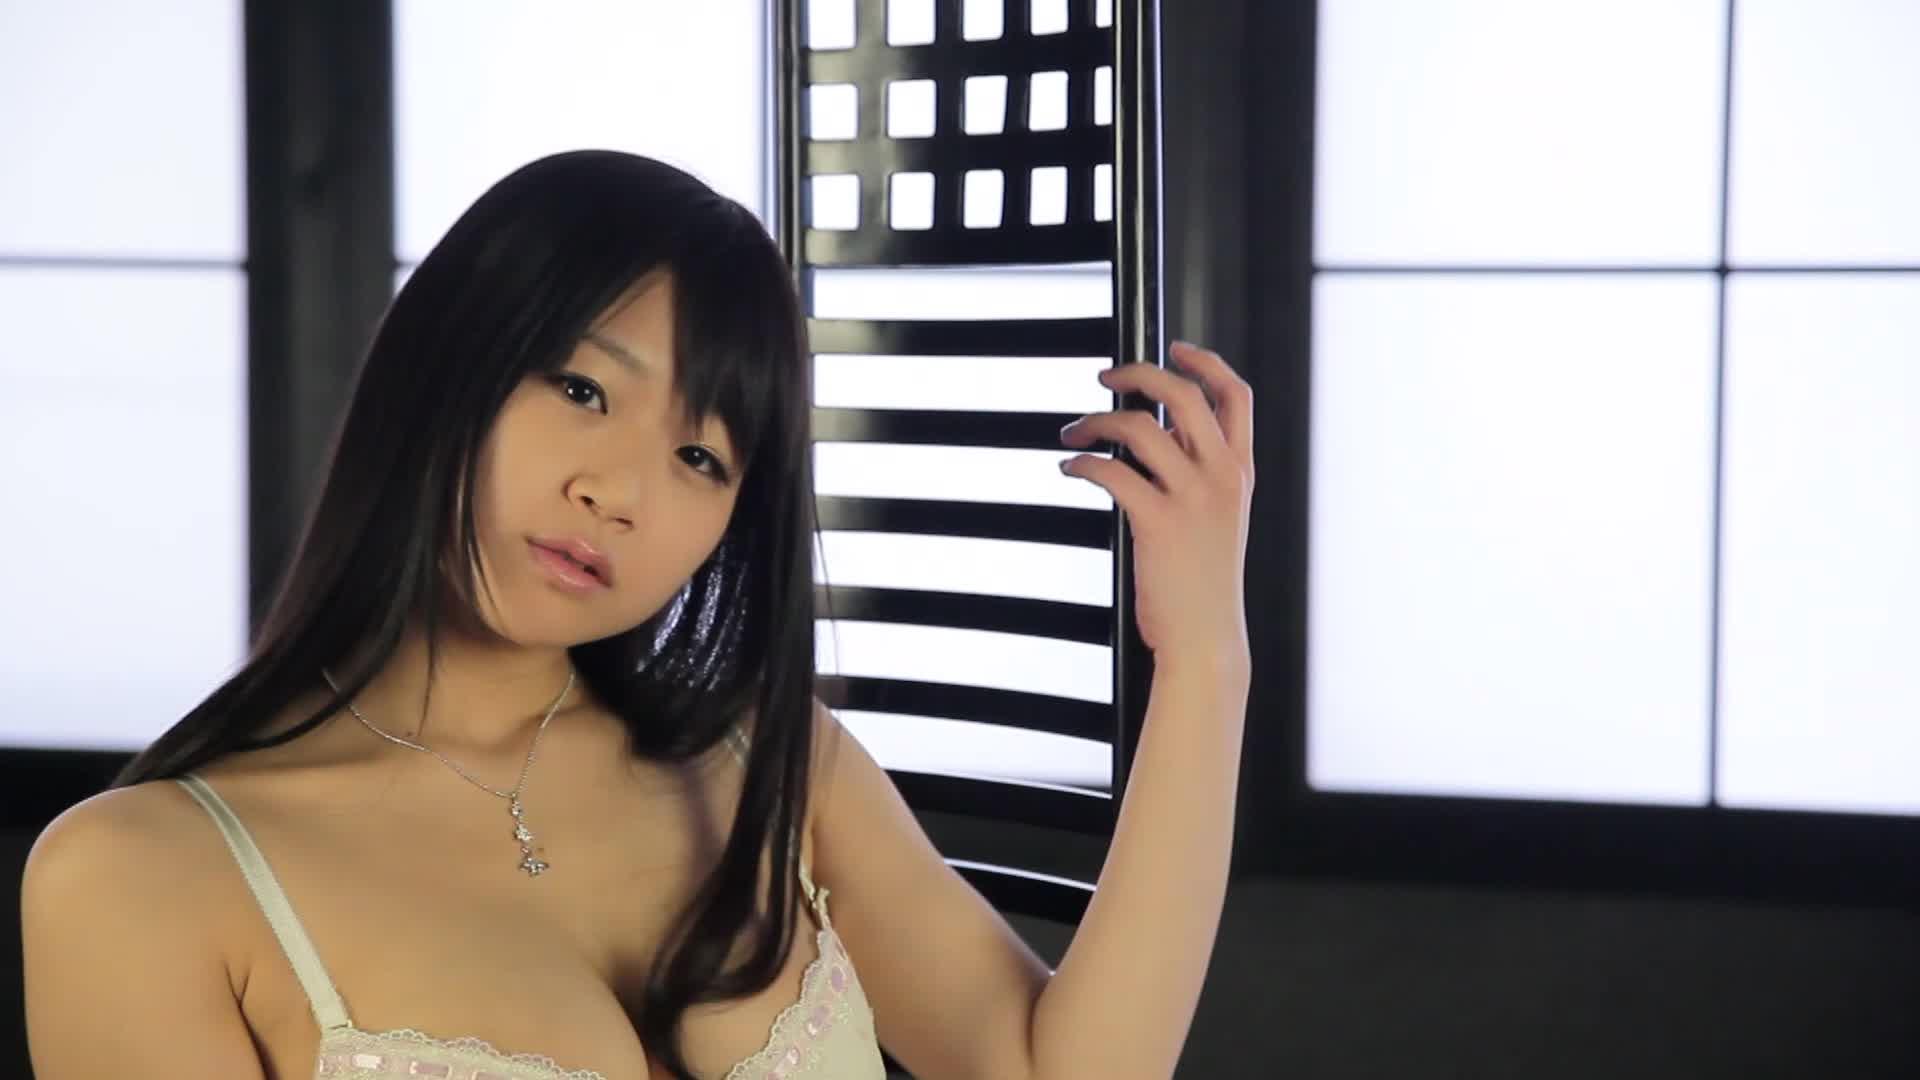 c13 - Nice Touch 〜触りたくなる一眼レフムービー〜/水月桃子